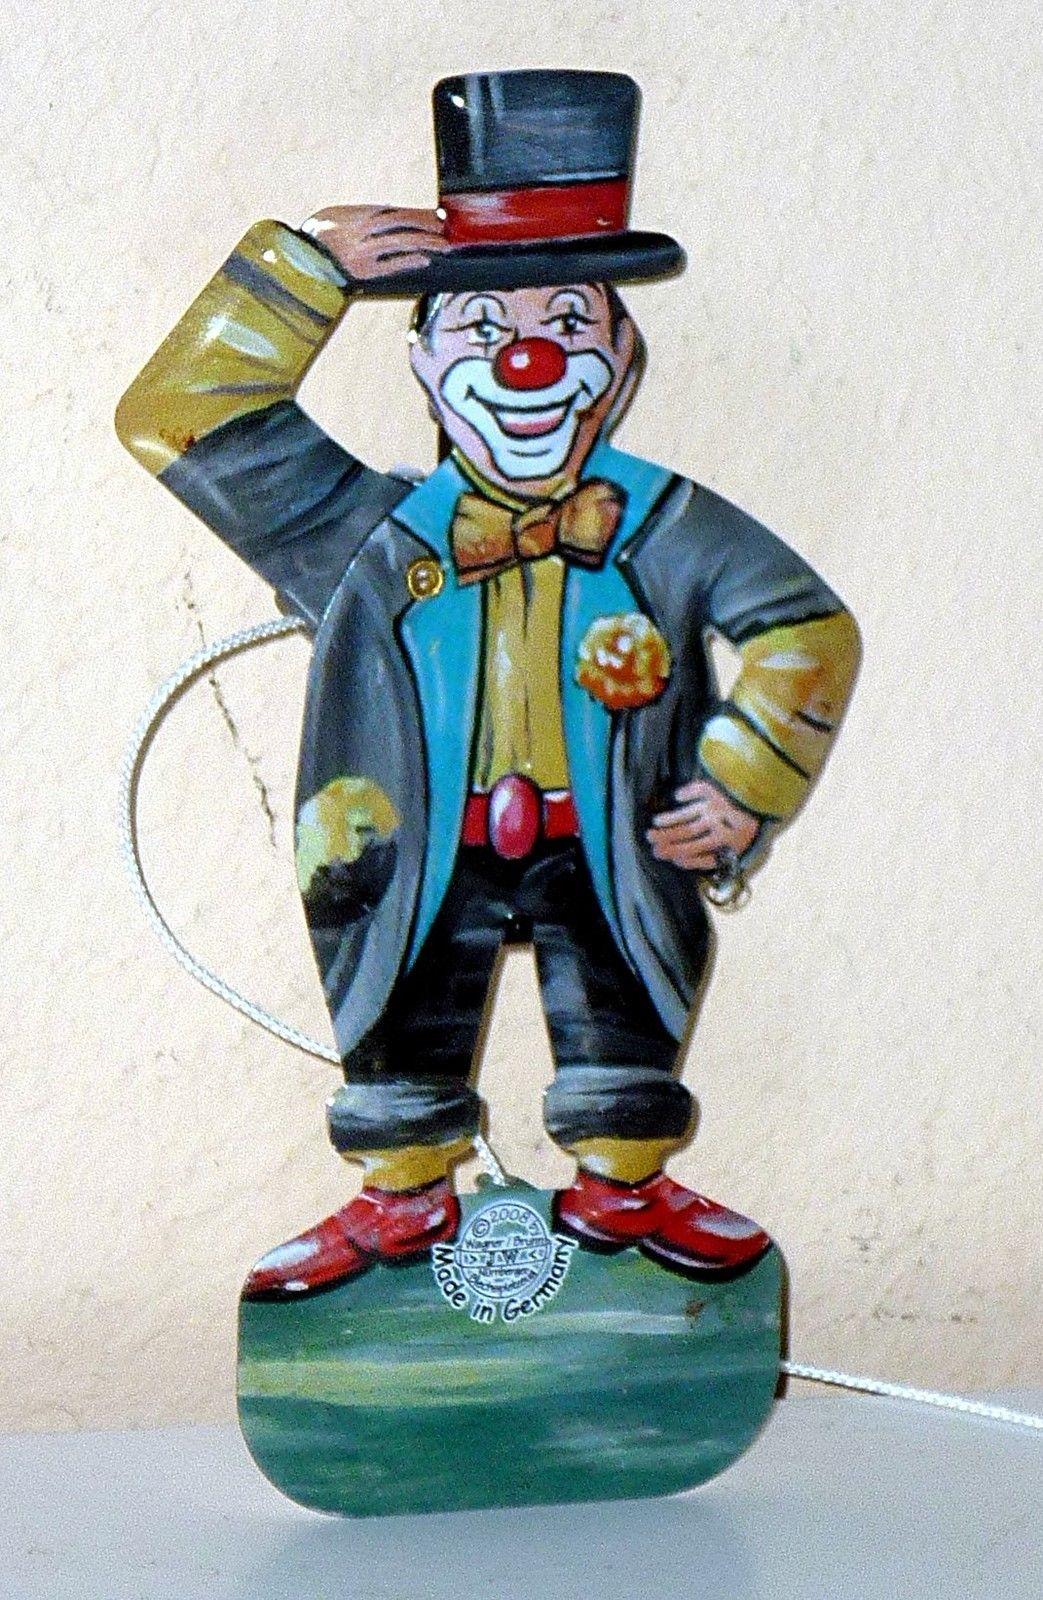 blechspielzeug hut ab m nnchen clown neu made in germany ebay spielzeug aus blech. Black Bedroom Furniture Sets. Home Design Ideas